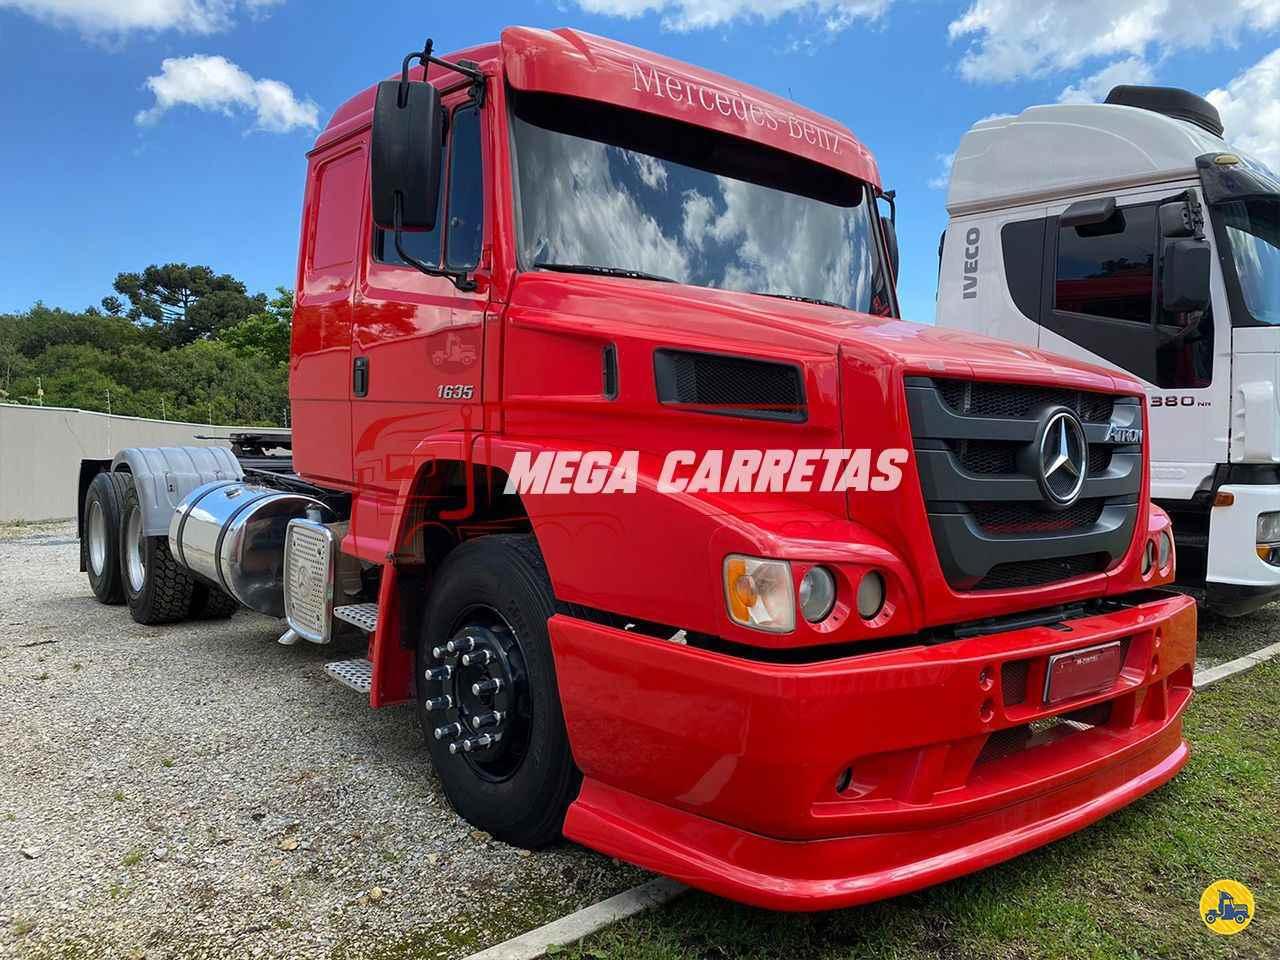 CAMINHAO MERCEDES-BENZ MB 1635 Cavalo Mecânico Truck 6x2 Mega Carretas COLOMBO PARANÁ PR